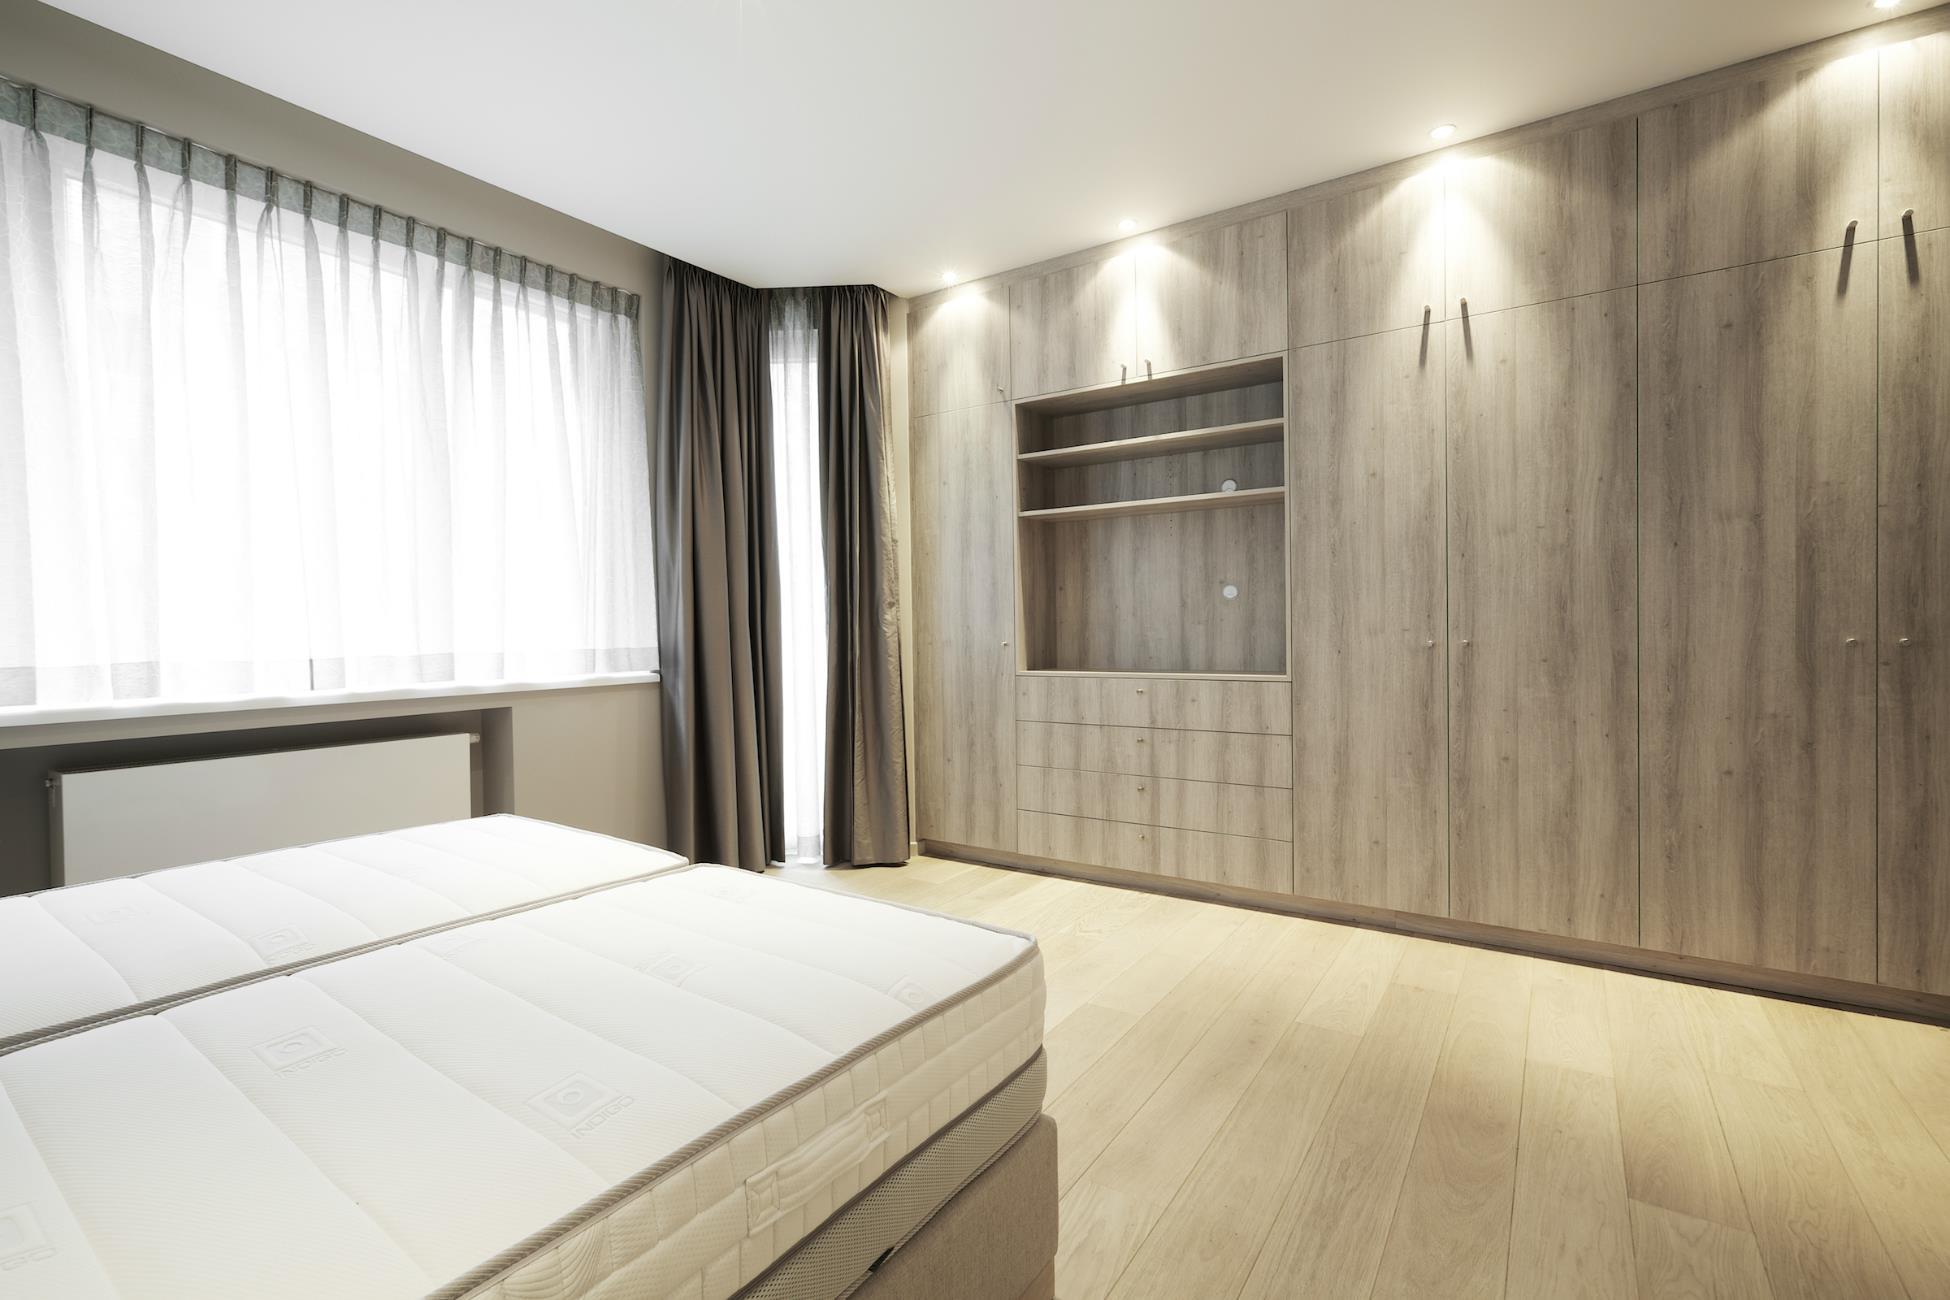 renov management entreprise g n rale de r novation. Black Bedroom Furniture Sets. Home Design Ideas